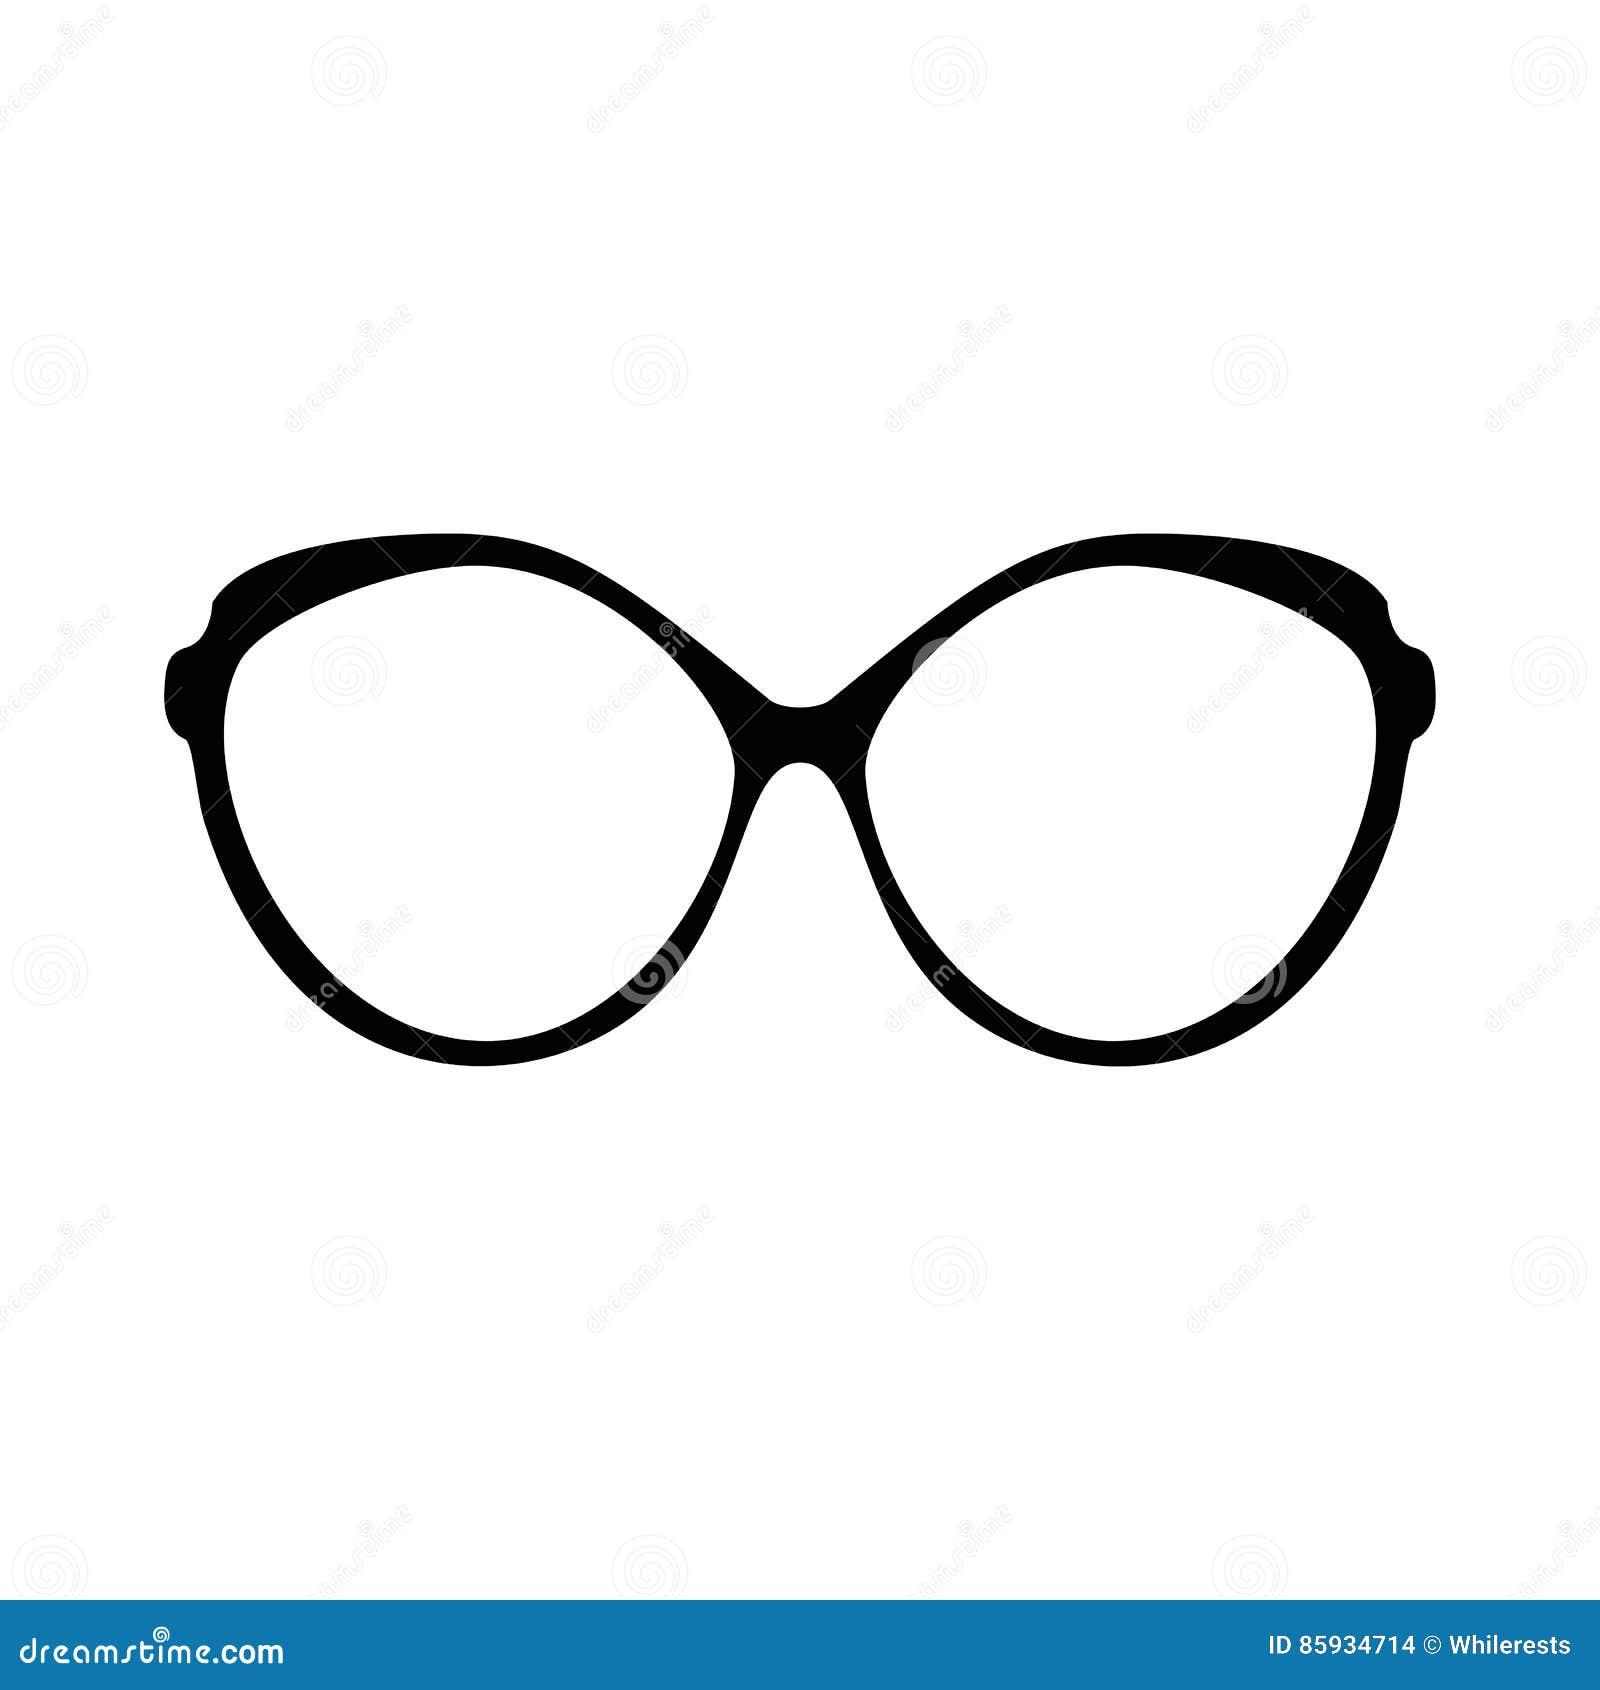 Retro Glasses. Sunglasses Black Silhouettes. Eye Glasses ...